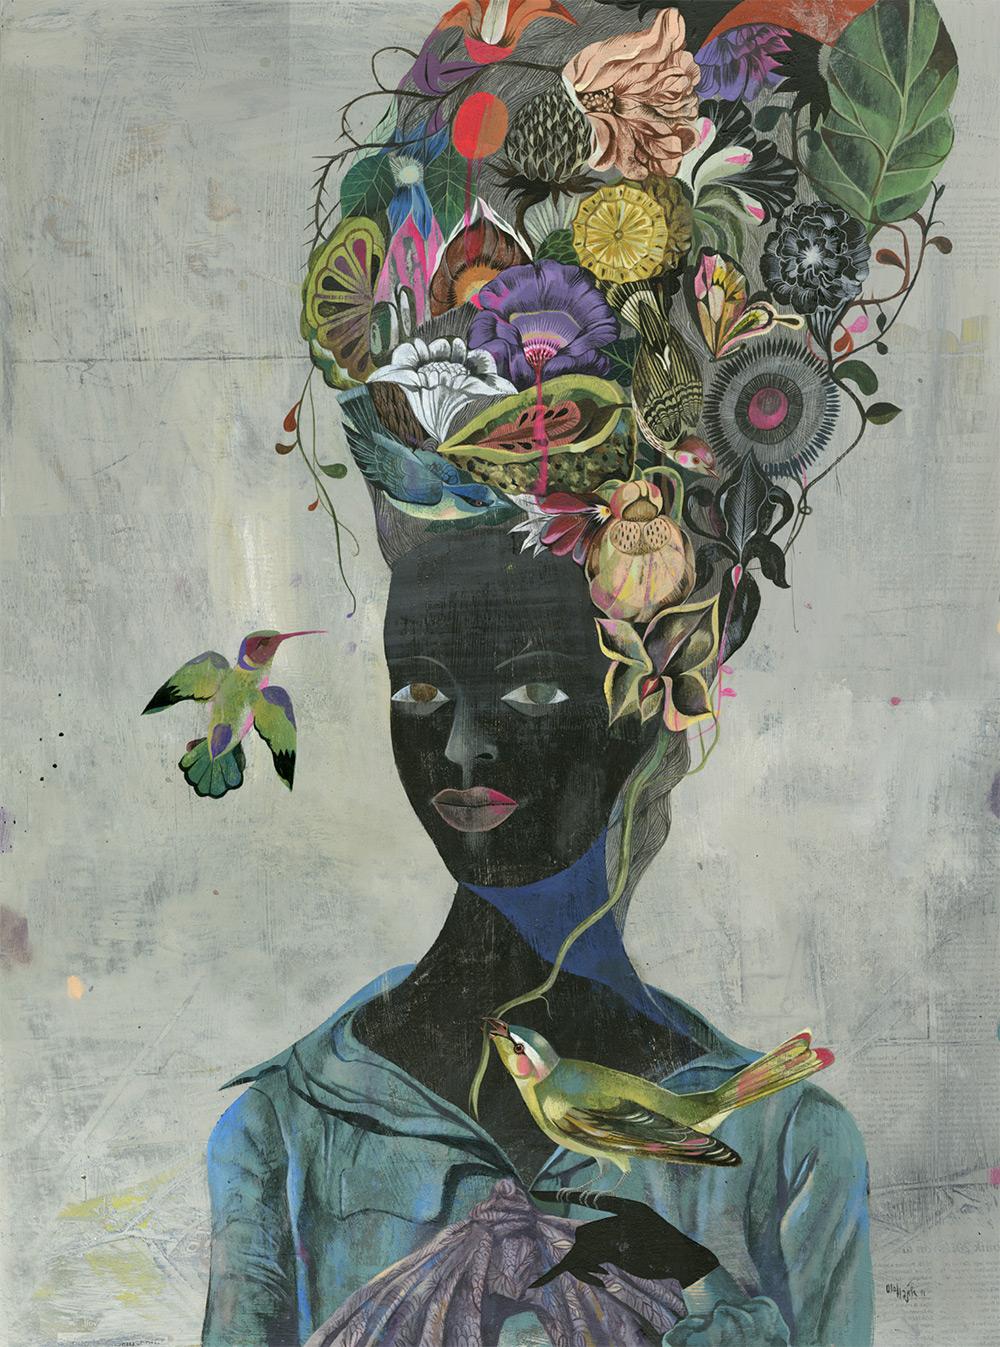 Портреты с прическами наполненные жизнью от Olaf Hajek